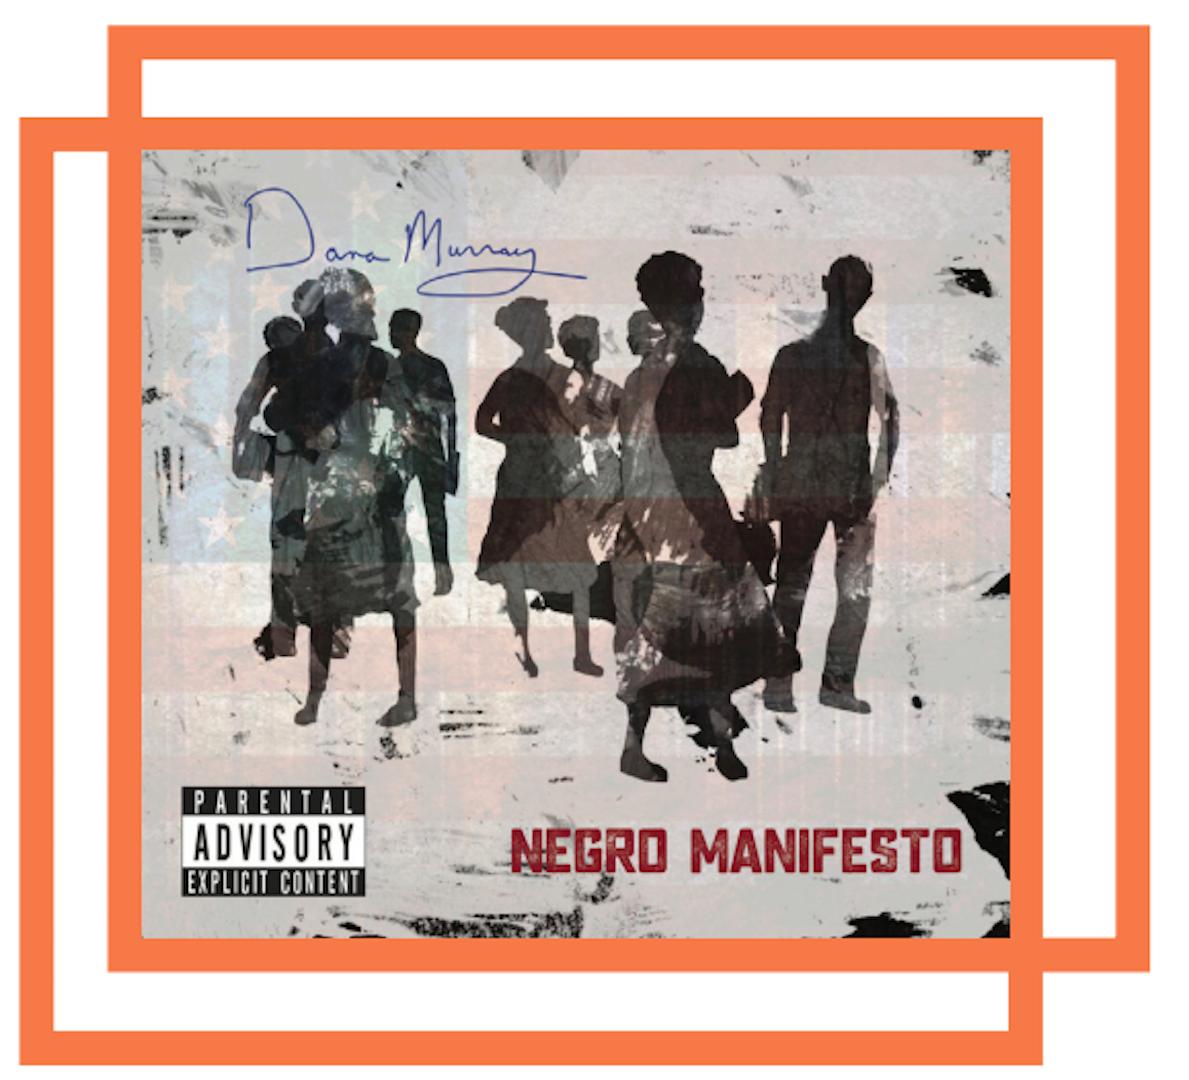 c0-20-negromanifesto